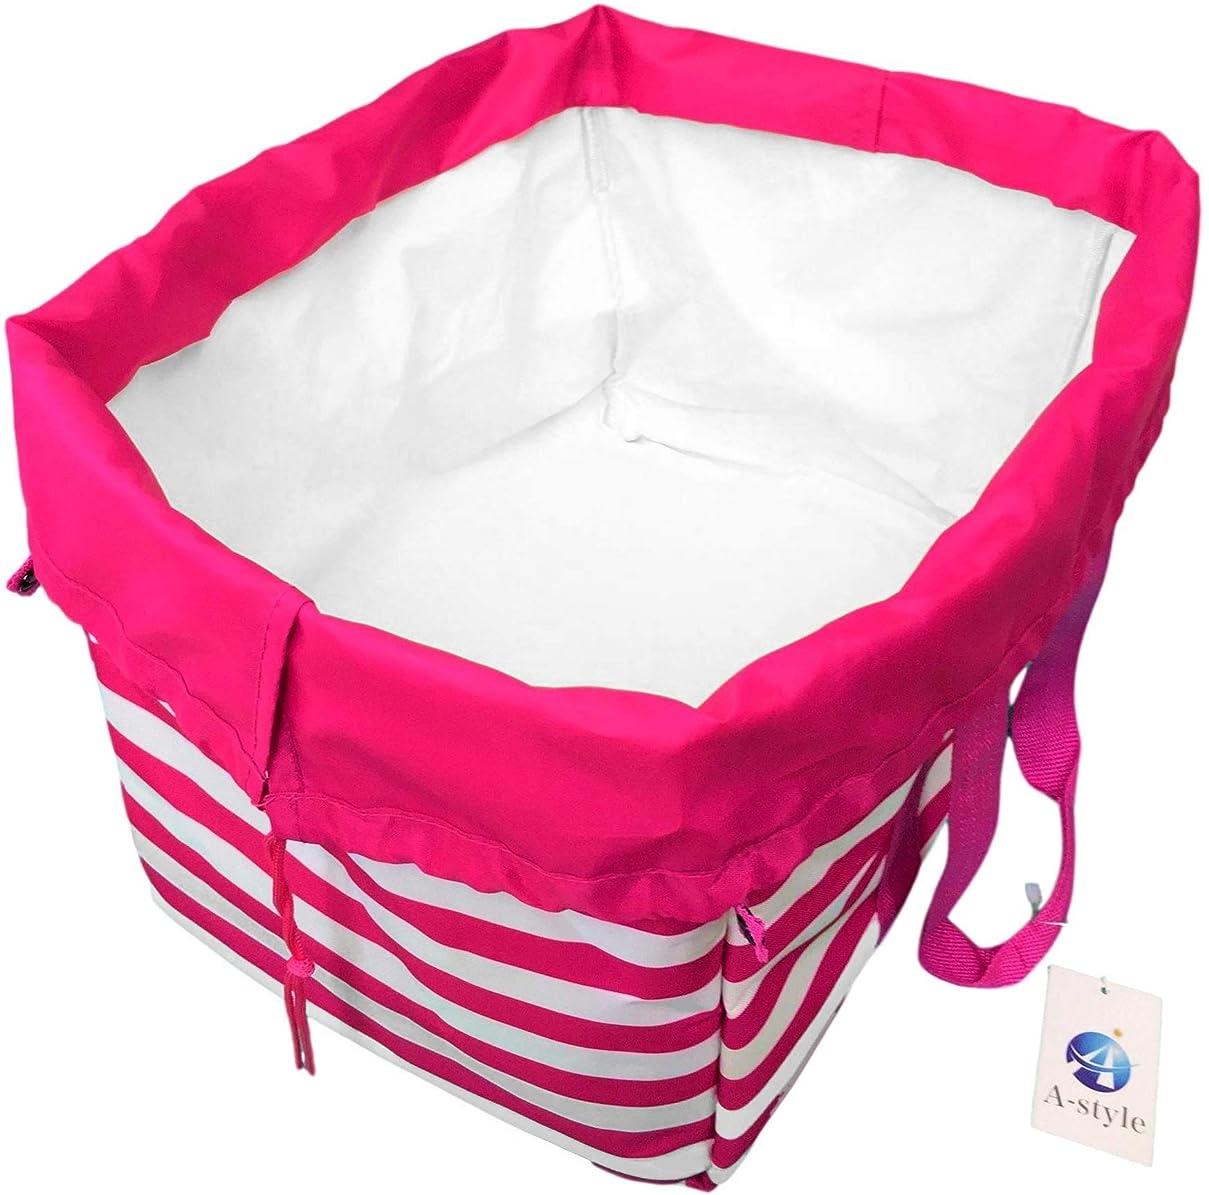 韓国語ねじれ自分A-style エコバッグ レジかご 折りたたみタイプ 保冷はっ水素材使用 34L ビッグサイズ (ピンク)